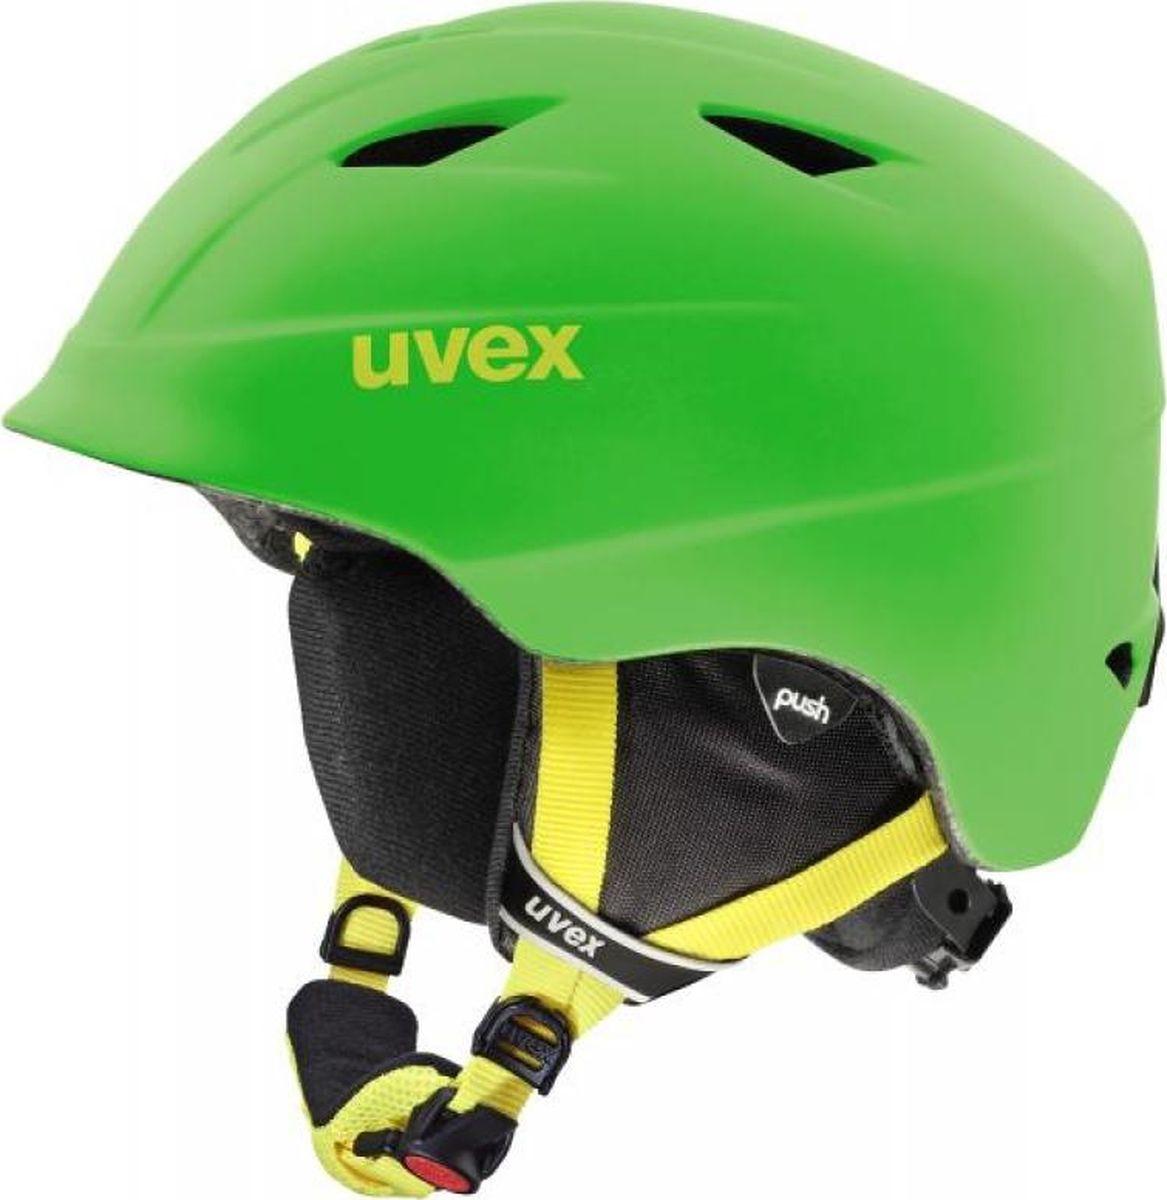 Шлем горнолыжный детский Uvex Airwing 2, цвет: зеленый матовый. Размер XXXS/XXS6132Детский шлем Uvex Airwing 2 обеспечит юному лыжнику максимальный комфорт на склоне. В модели предусмотрены система вентиляции, съемная защита ушей и фиксатор стрэпа маски. Система индивидуальной подгонки размера IAS и застежка Monomatic позволят надежно закрепить шлем на голове. Подкладка выполнена из гипоаллергенного материала. Как выбрать горные лыжи для ребёнка. Статья OZON Гид